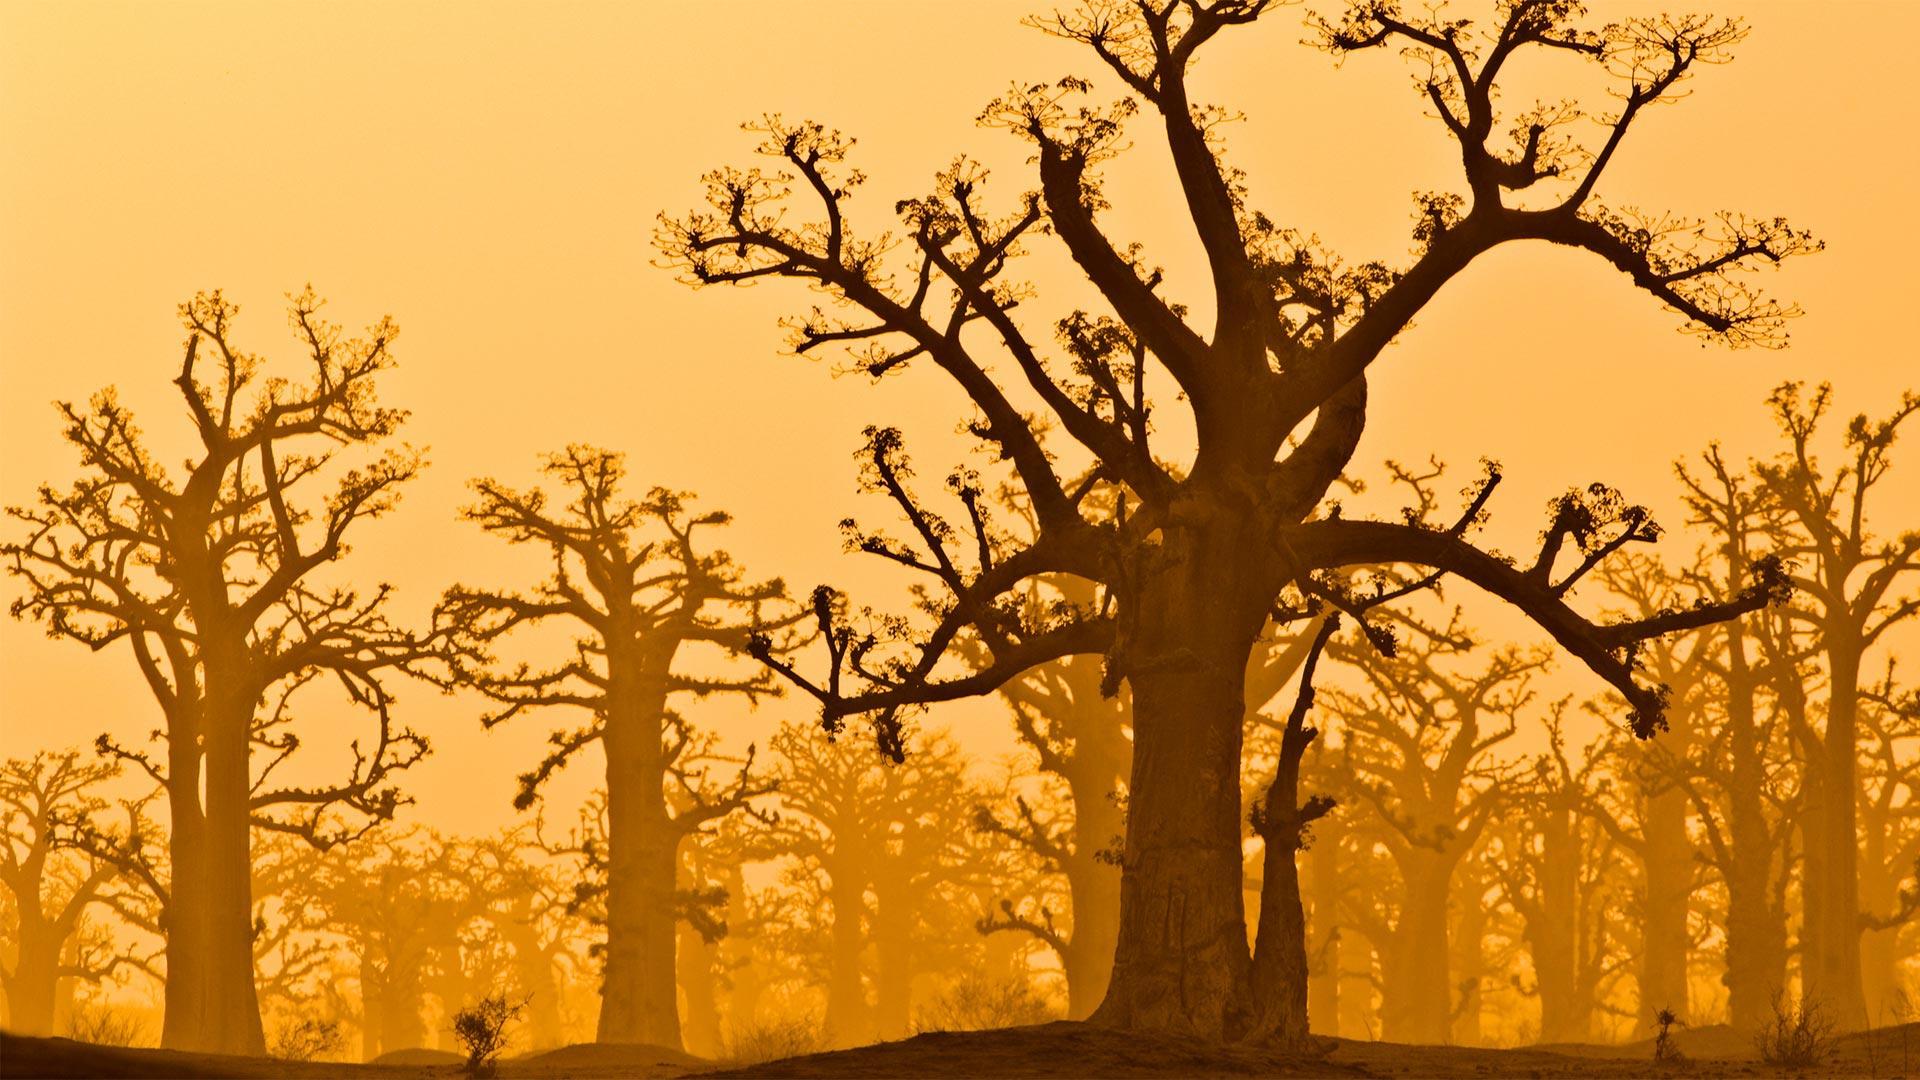 「バオバブの森」セネガル, バンディア自然保護区 (© Frans Lanting/plainpicture)